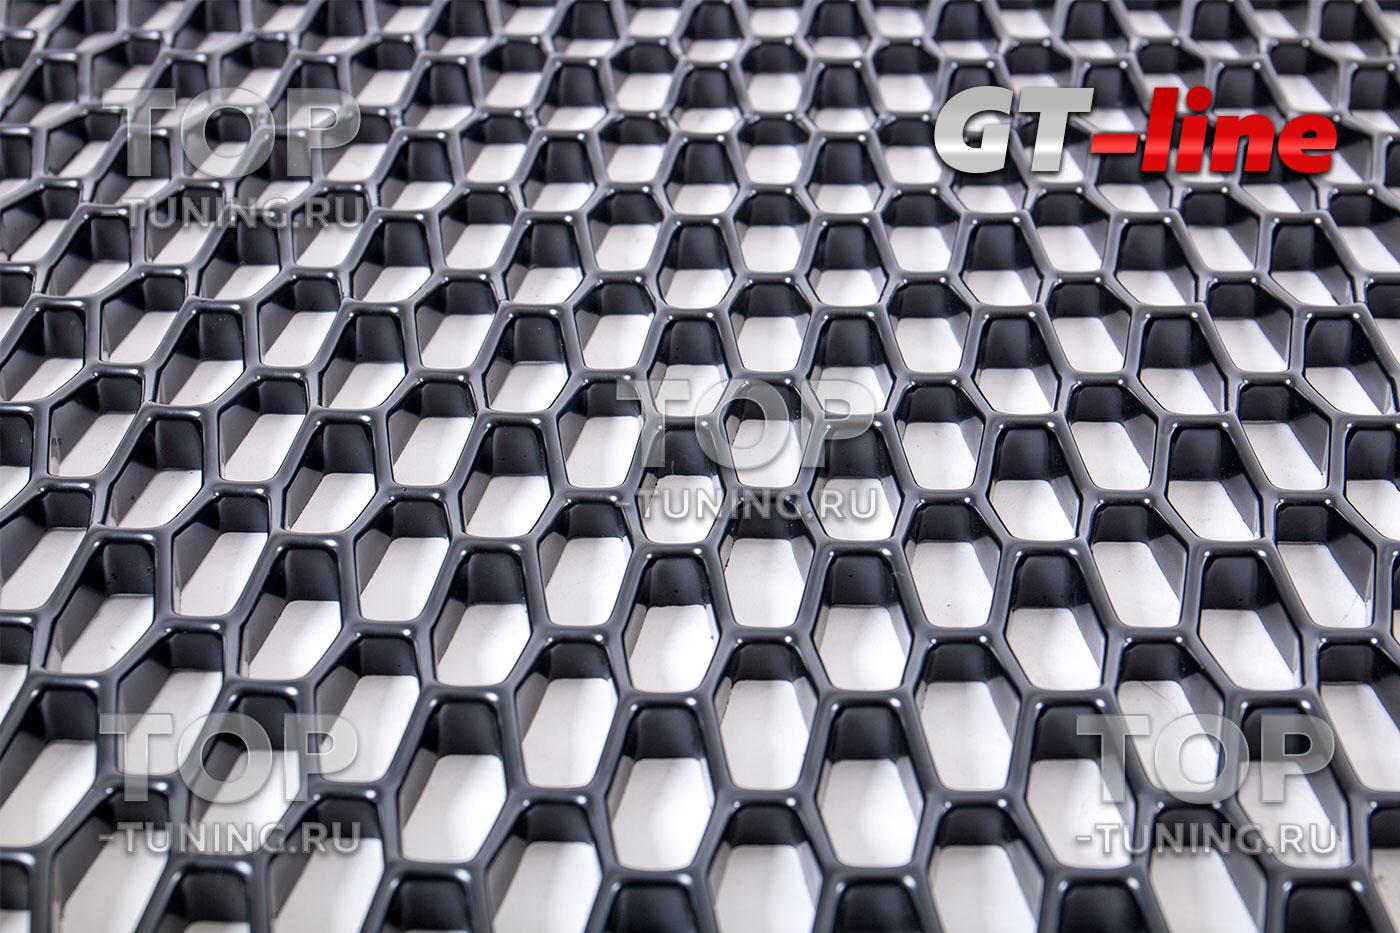 10493 Тюнинг сетка GT-Line 120 x 55 см в бампер или решетку радиатора